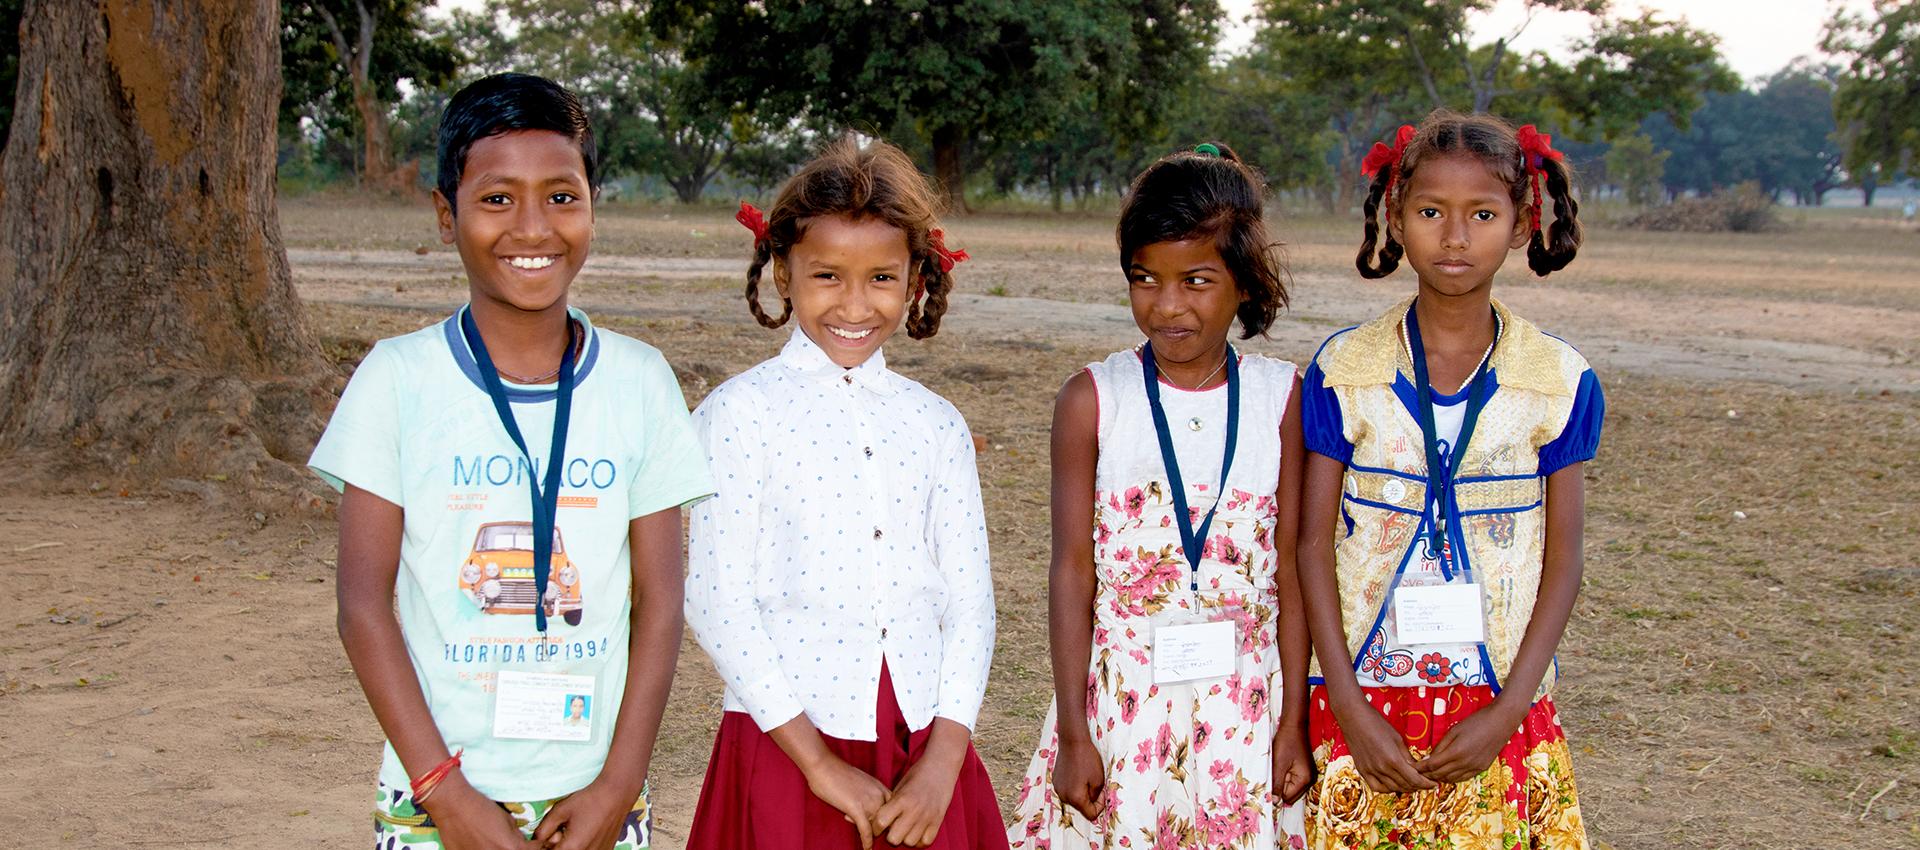 Roshni och Choti är kompisar. De deltar i ett barnparlament och gör bra saker för andra barn.